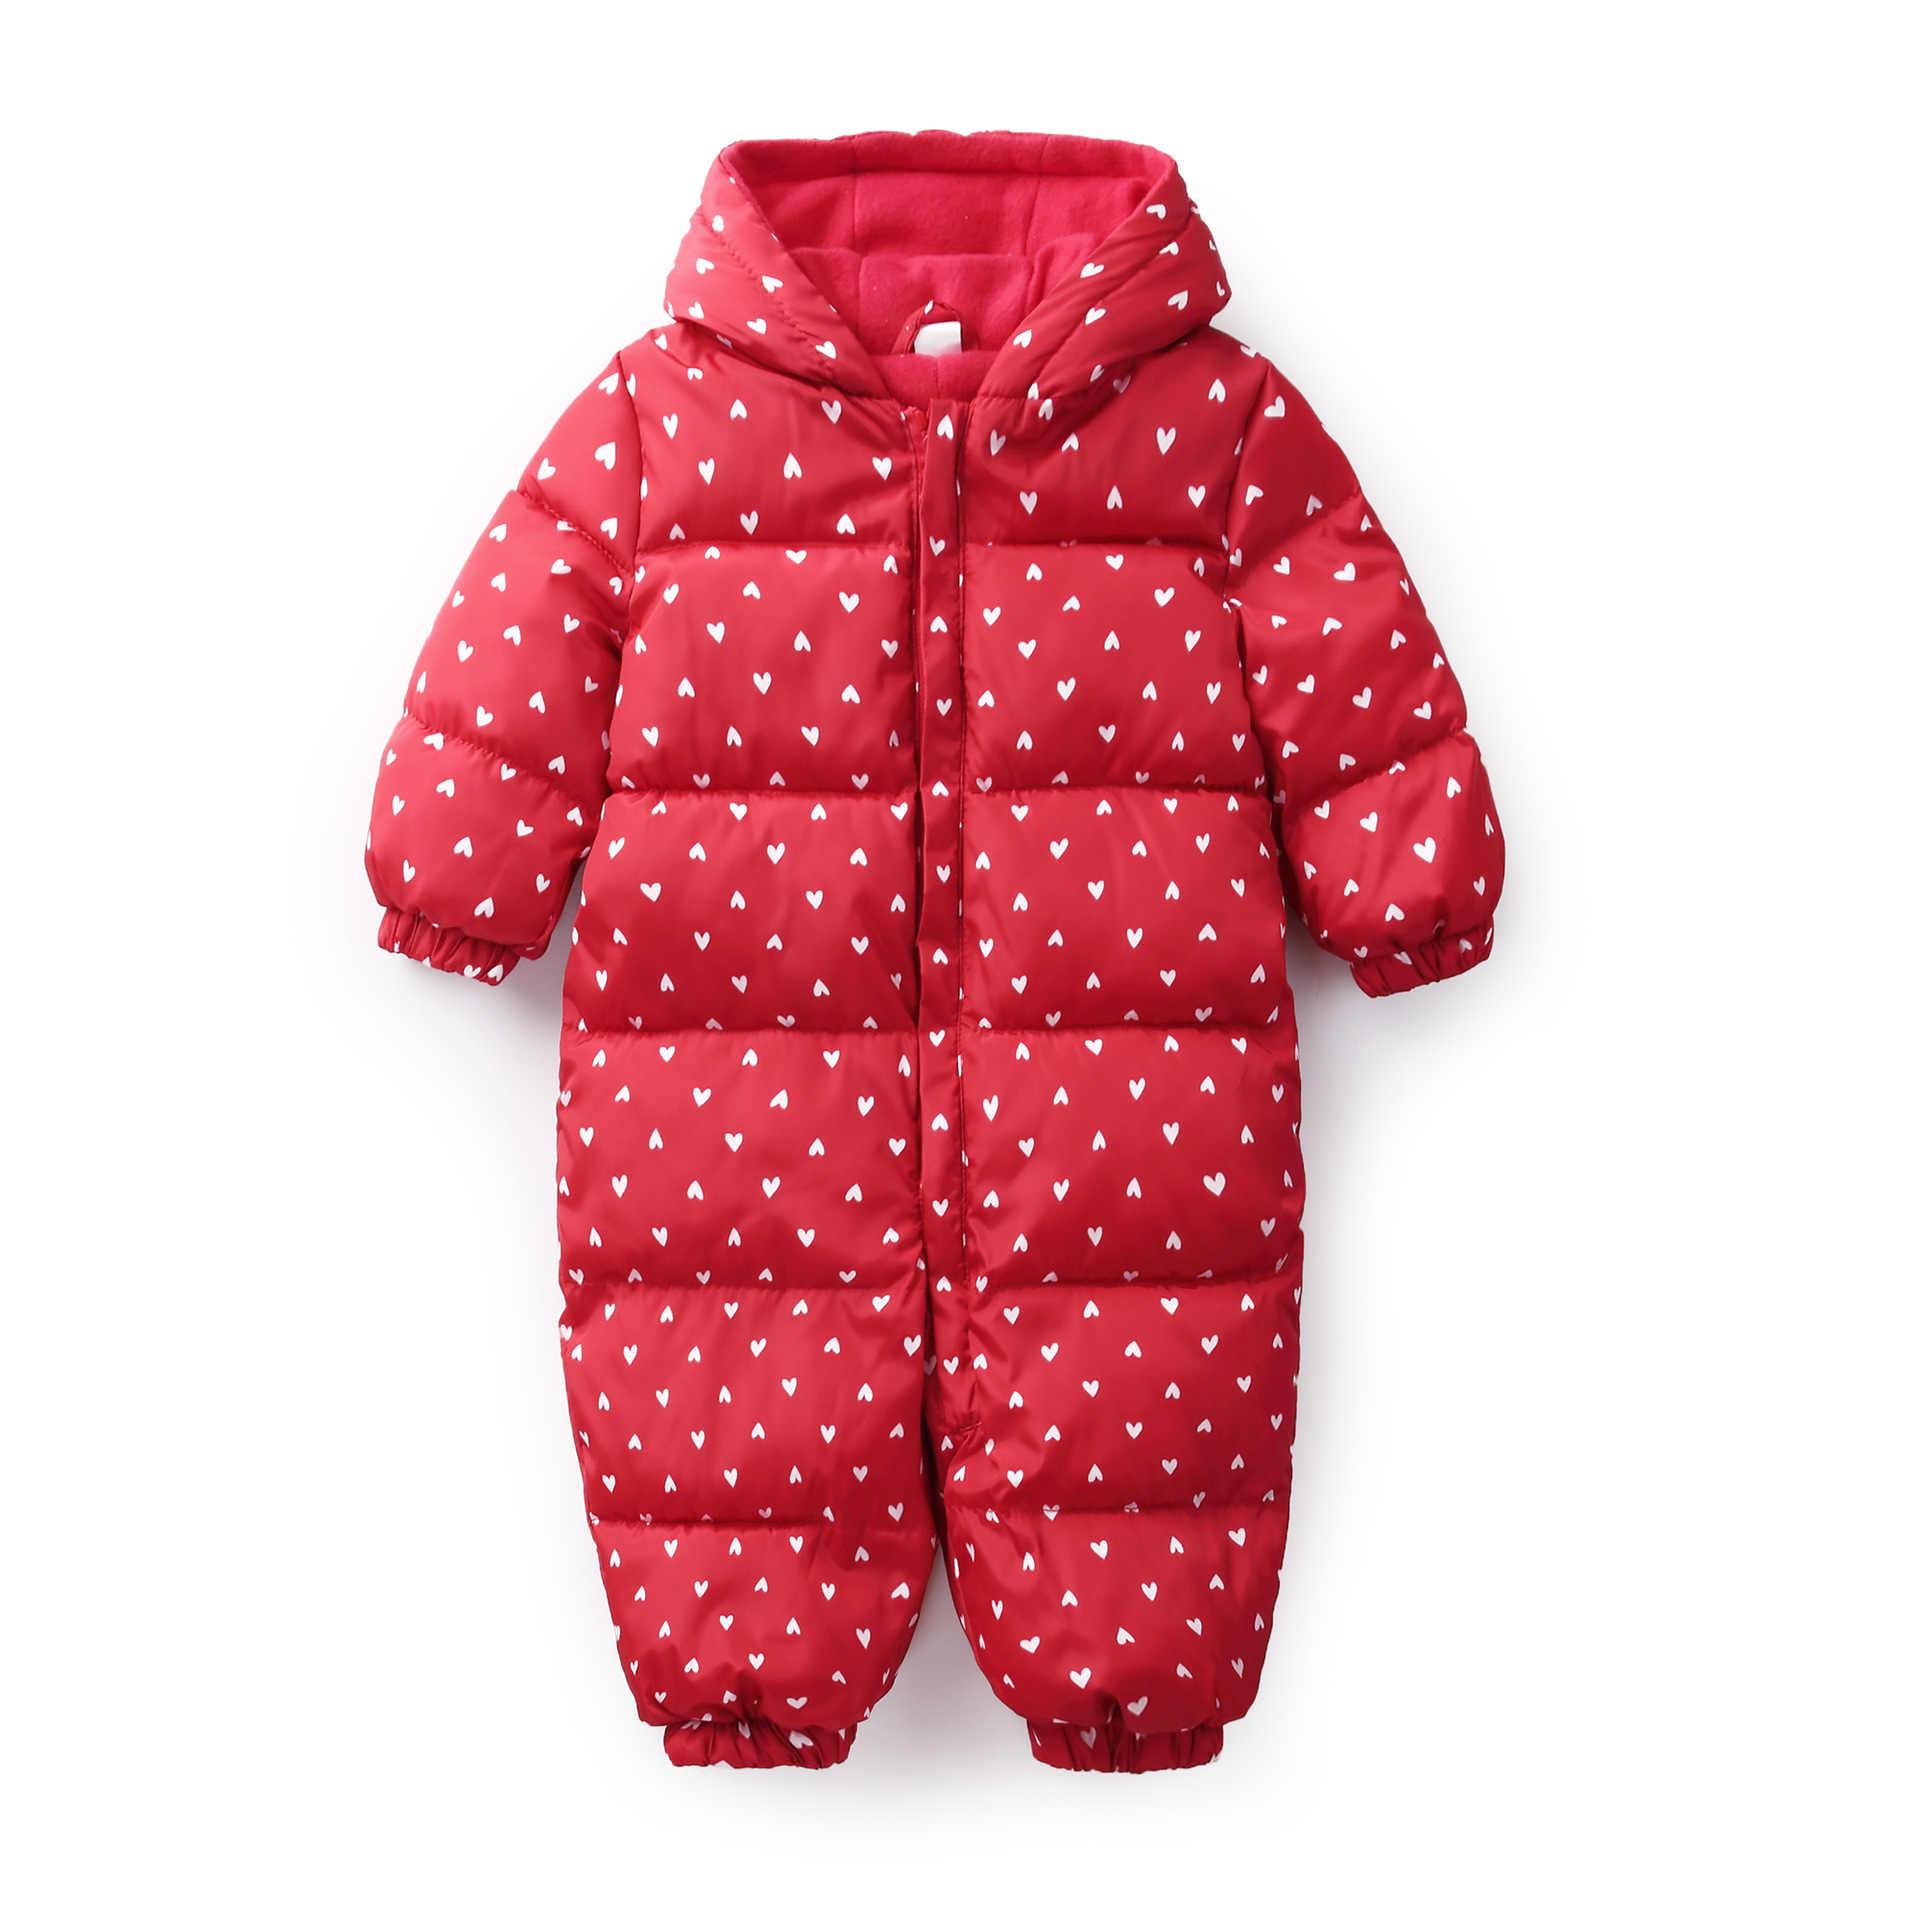 冬新生児服ジャンプスーツ迷彩暖かい防寒着女の子のフード付きオーバーオール子供ユニセックスベビーロンパース